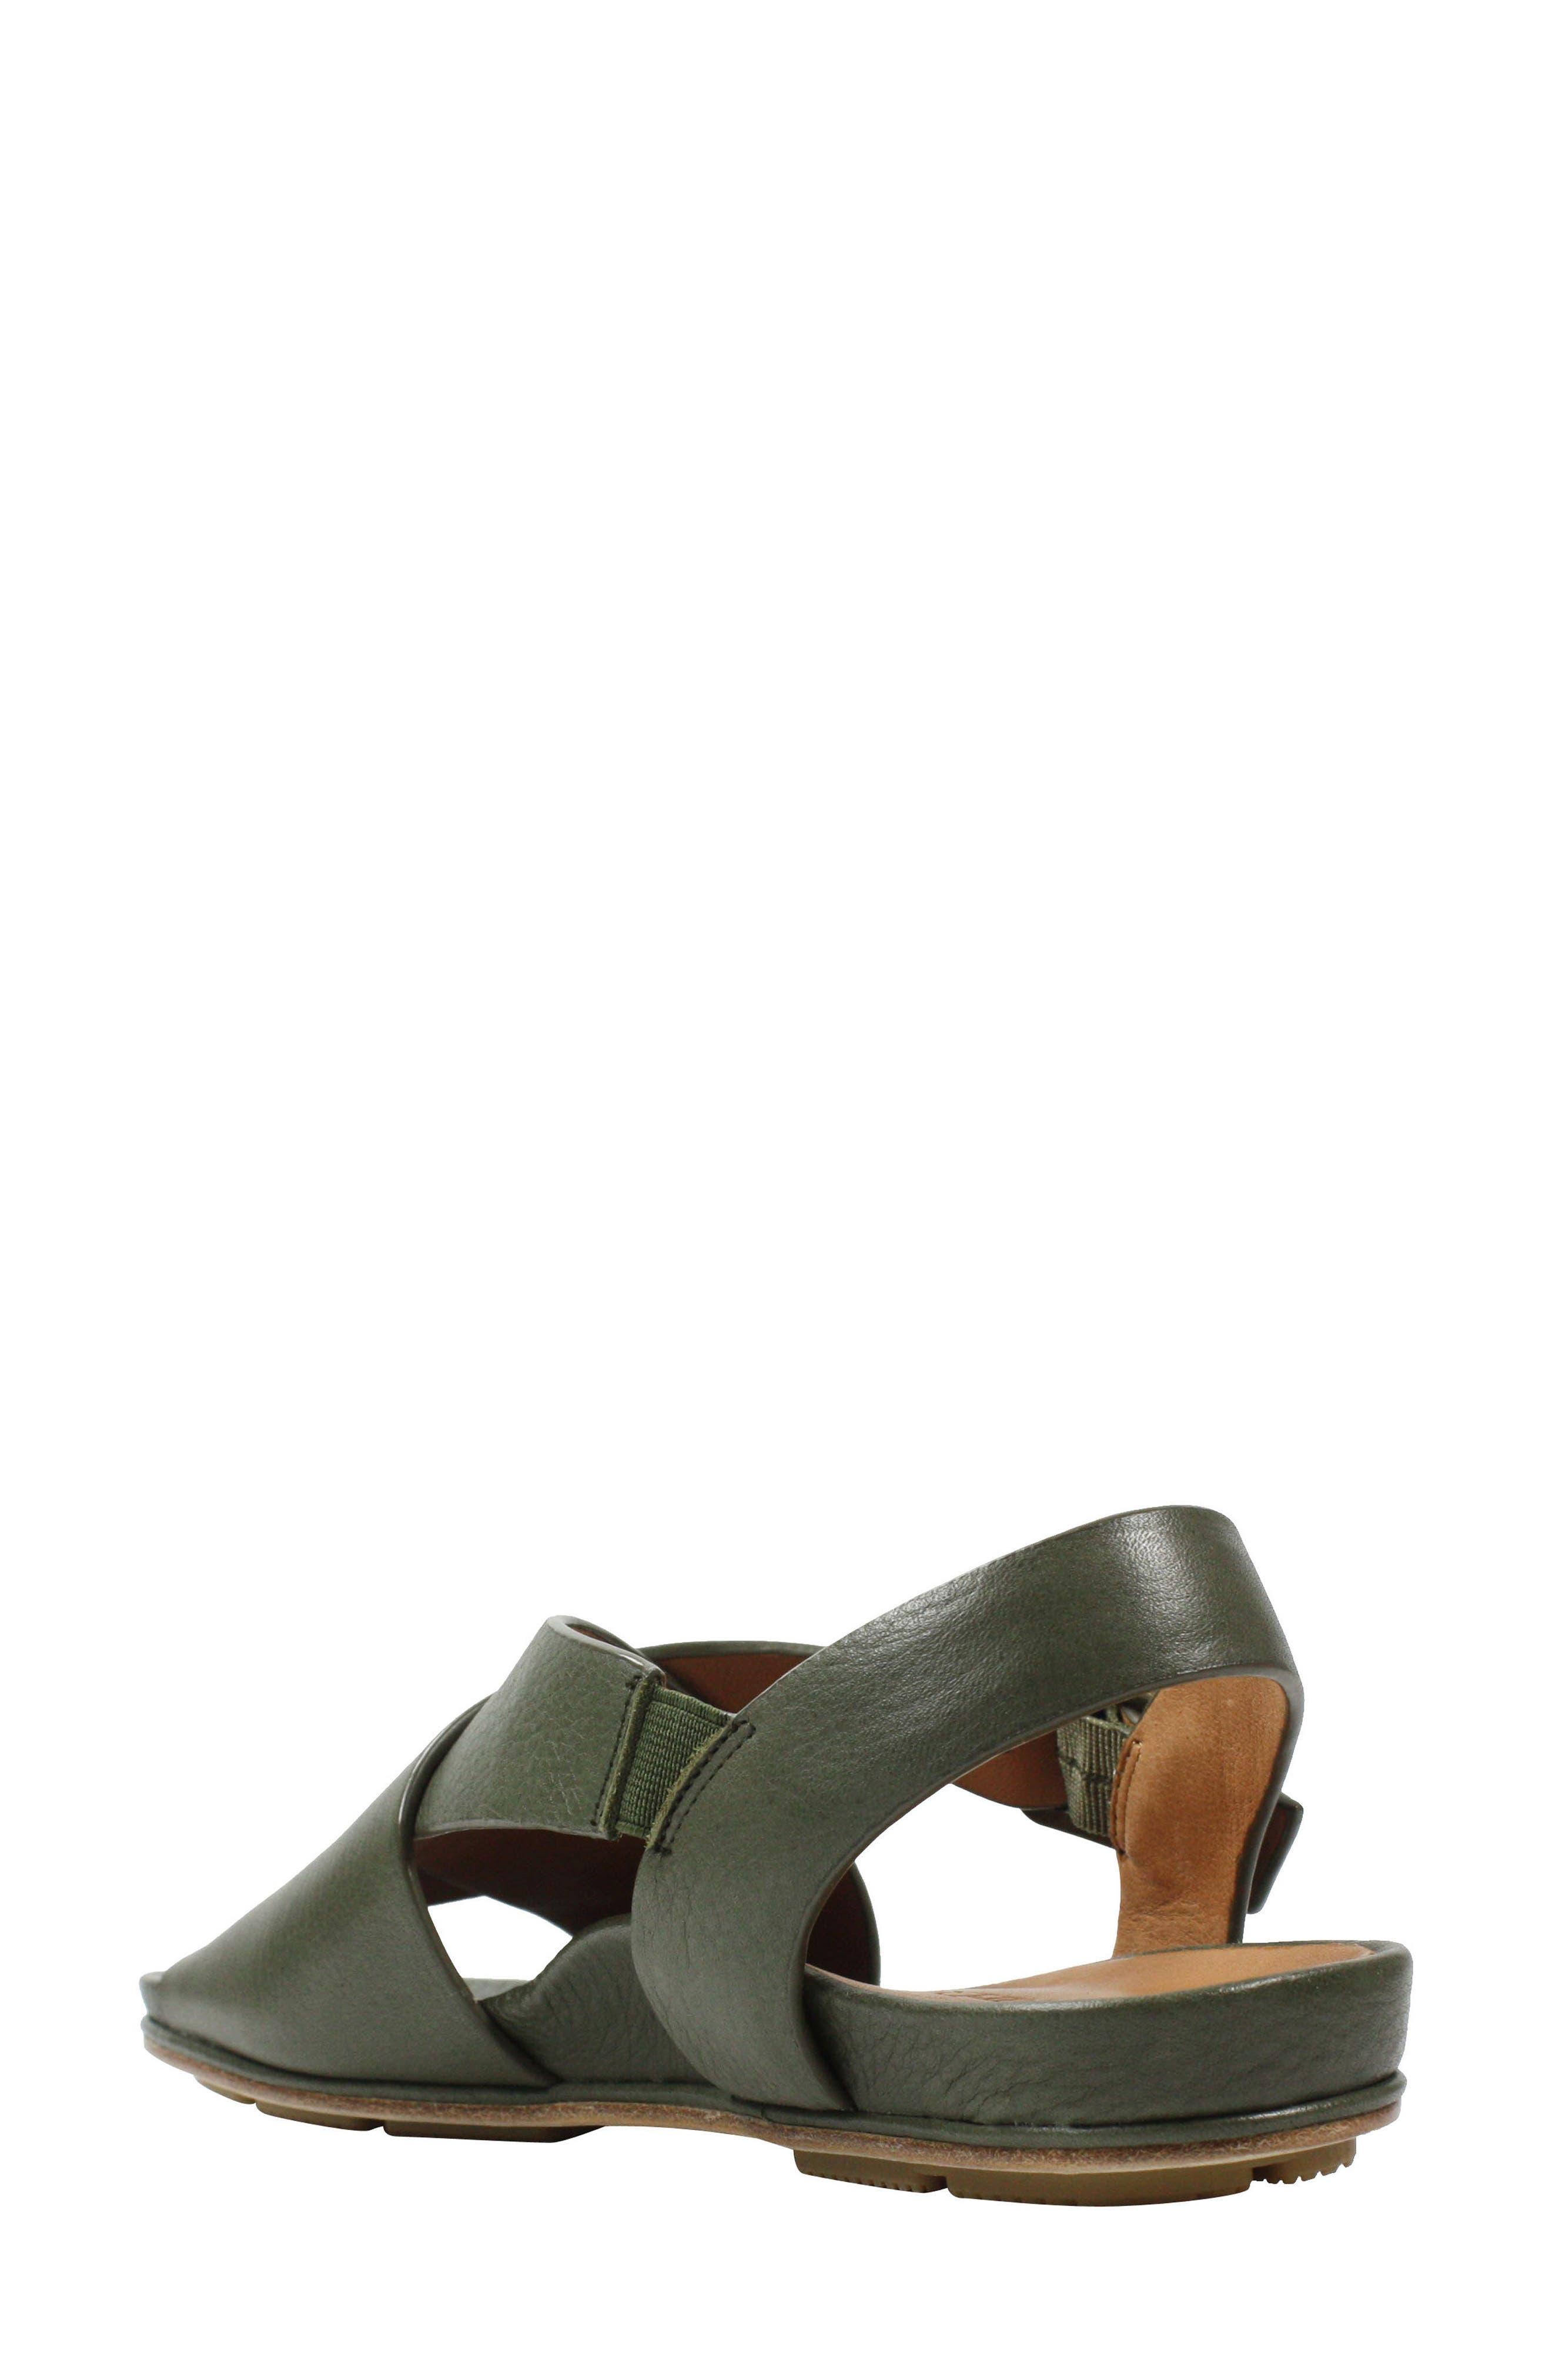 Dordogne Sandal,                             Alternate thumbnail 2, color,                             300